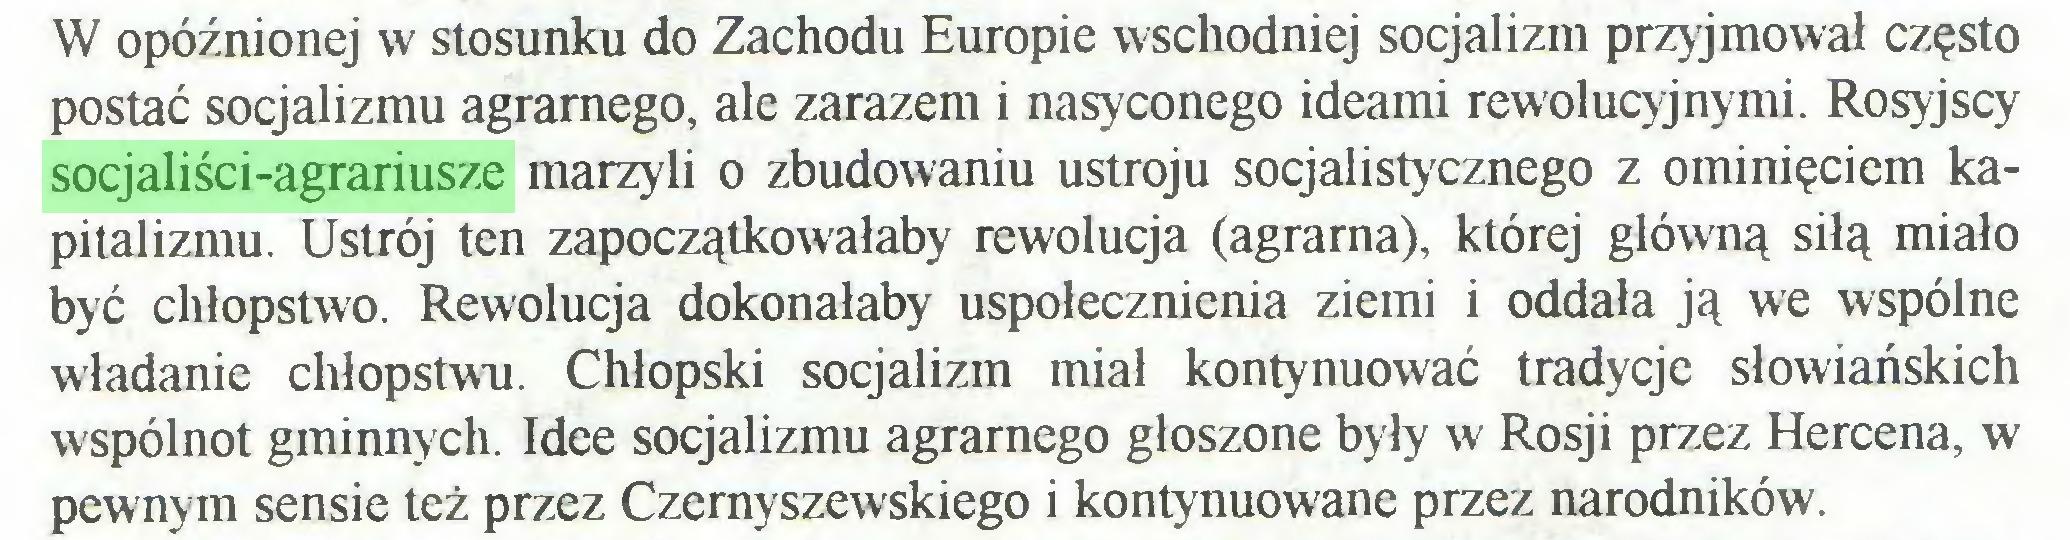 (...) W opóźnionej w stosunku do Zachodu Europie wschodniej socjalizm przyjmował często postać socjalizmu agrarnego, ale zarazem i nasyconego ideami rewolucyjnymi. Rosyjscy socjaliści-agrariusze marzyli o zbudowaniu ustroju socjalistycznego z ominięciem kapitalizmu. Ustrój ten zapoczątkowałaby rewolucja (agrarna), której główną siłą miało być chłopstwo. Rewolucja dokonałaby uspołecznienia ziemi i oddała ją we wspólne władanie chłopstwu. Chłopski socjalizm miał kontynuować tradycje słowiańskich wspólnot gminnych. Idee socjalizmu agrarnego głoszone były w Rosji przez Hercena, w pewnym sensie też przez Czemyszewskiego i kontynuowane przez narodników...